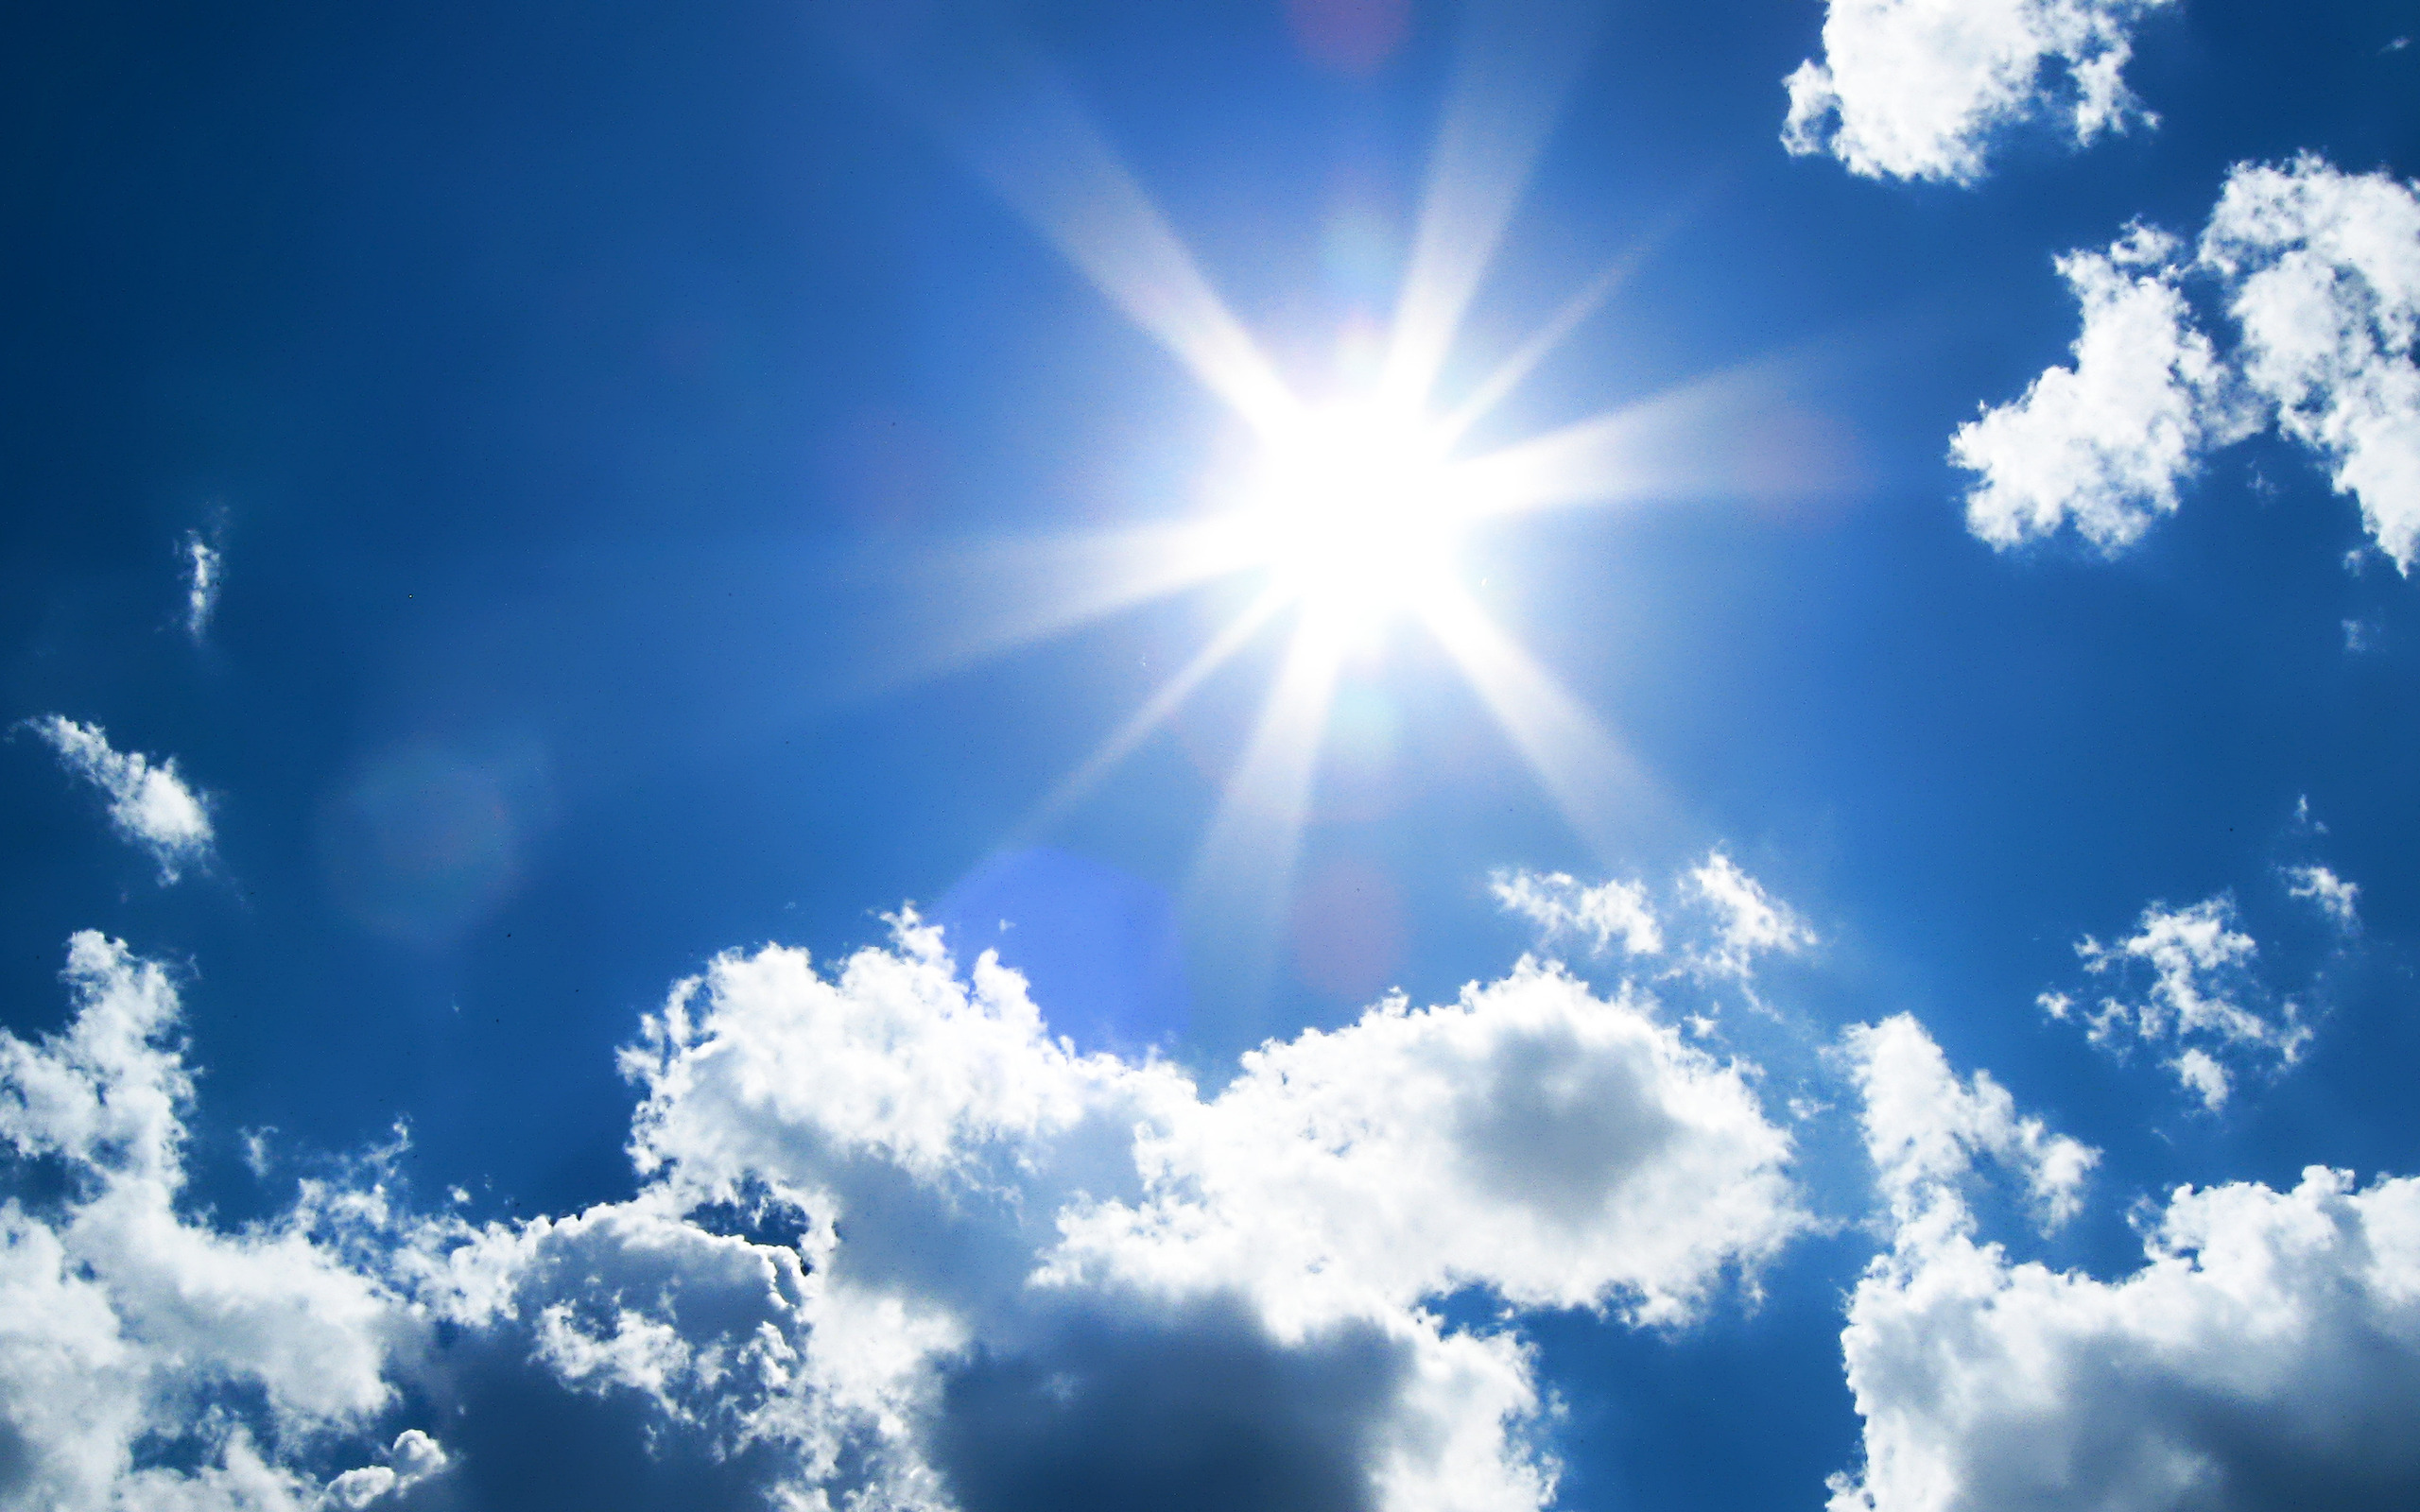 фото небо с облаками и солнцем принадлежности